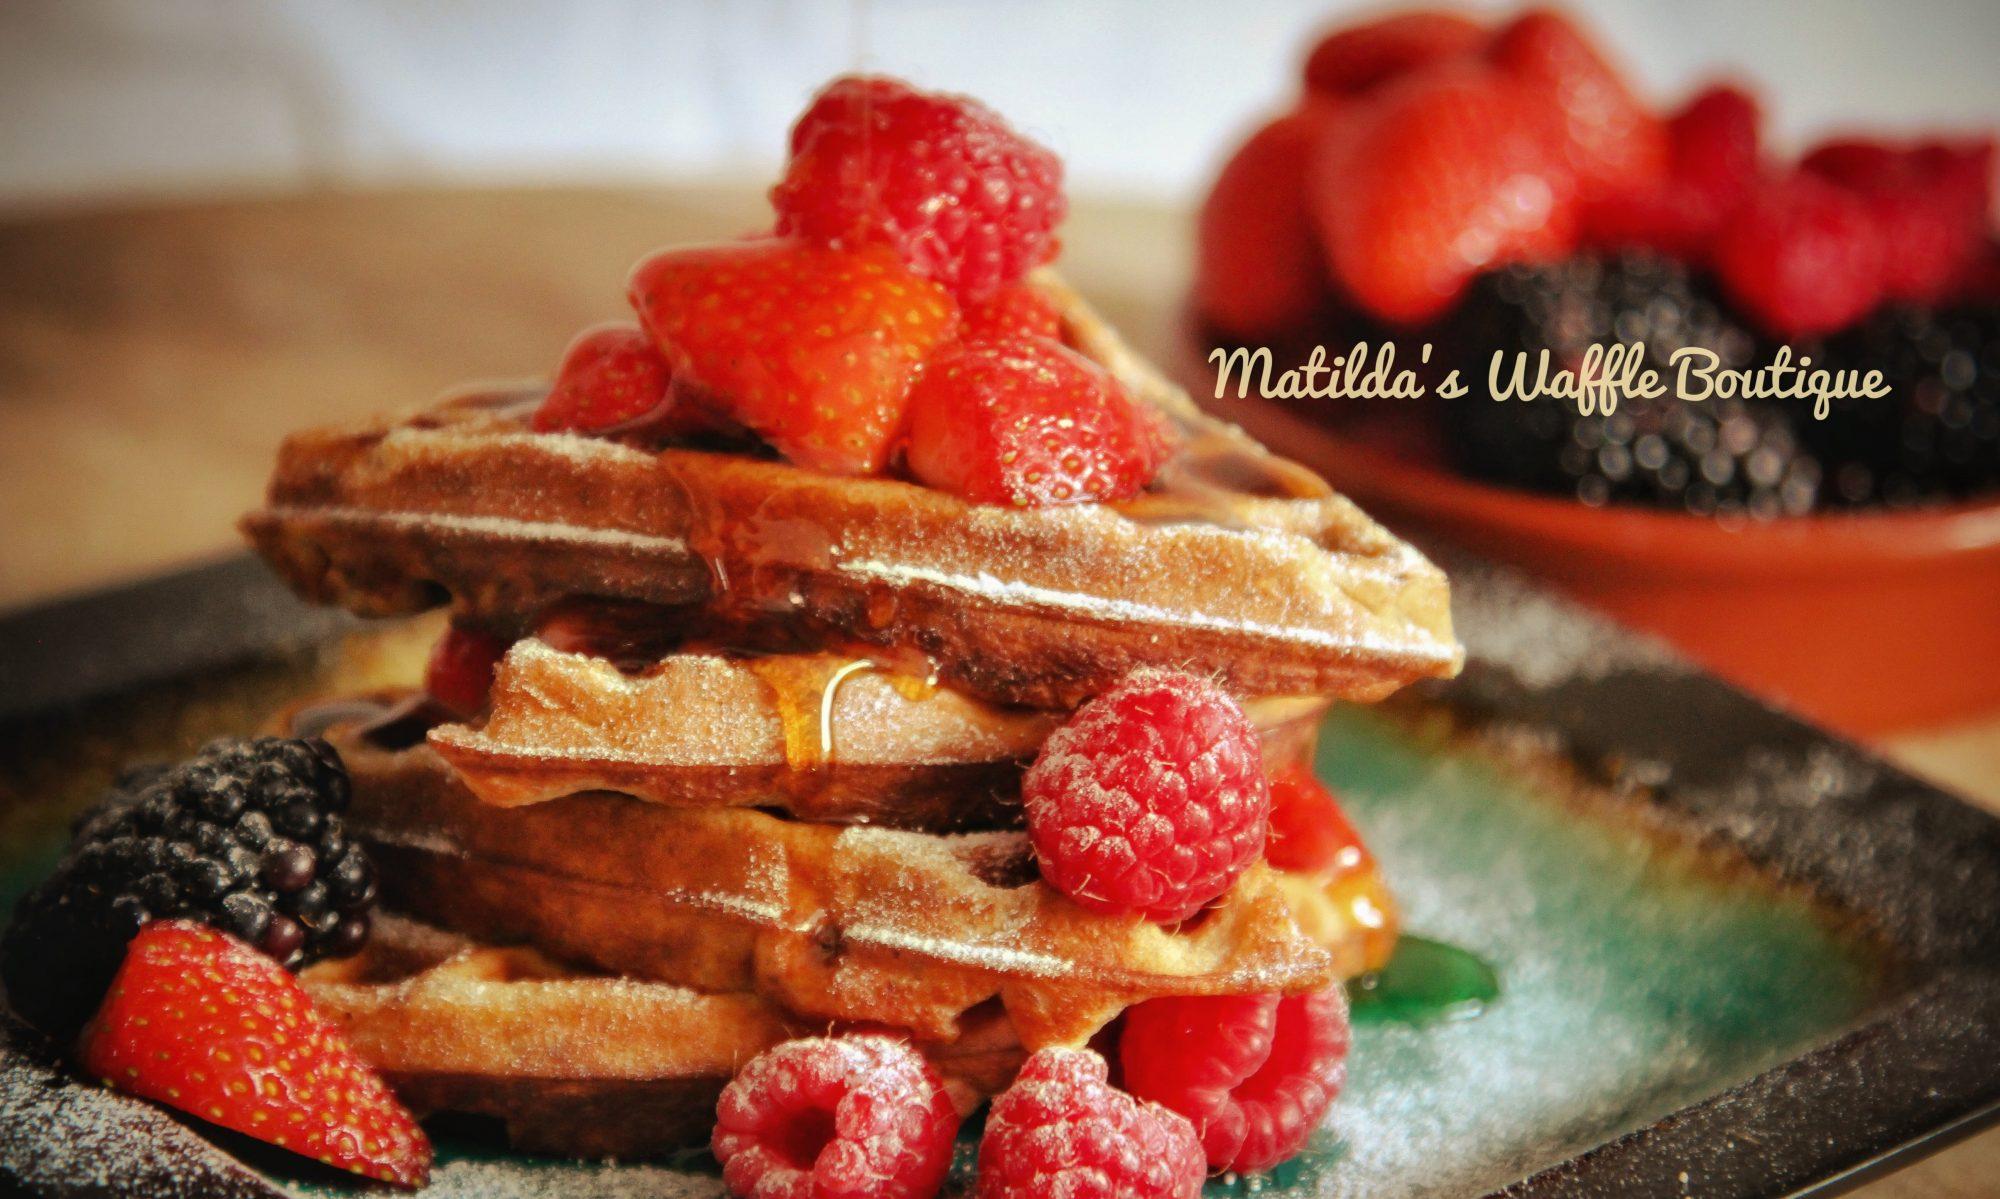 Matildas Waffle Boutique